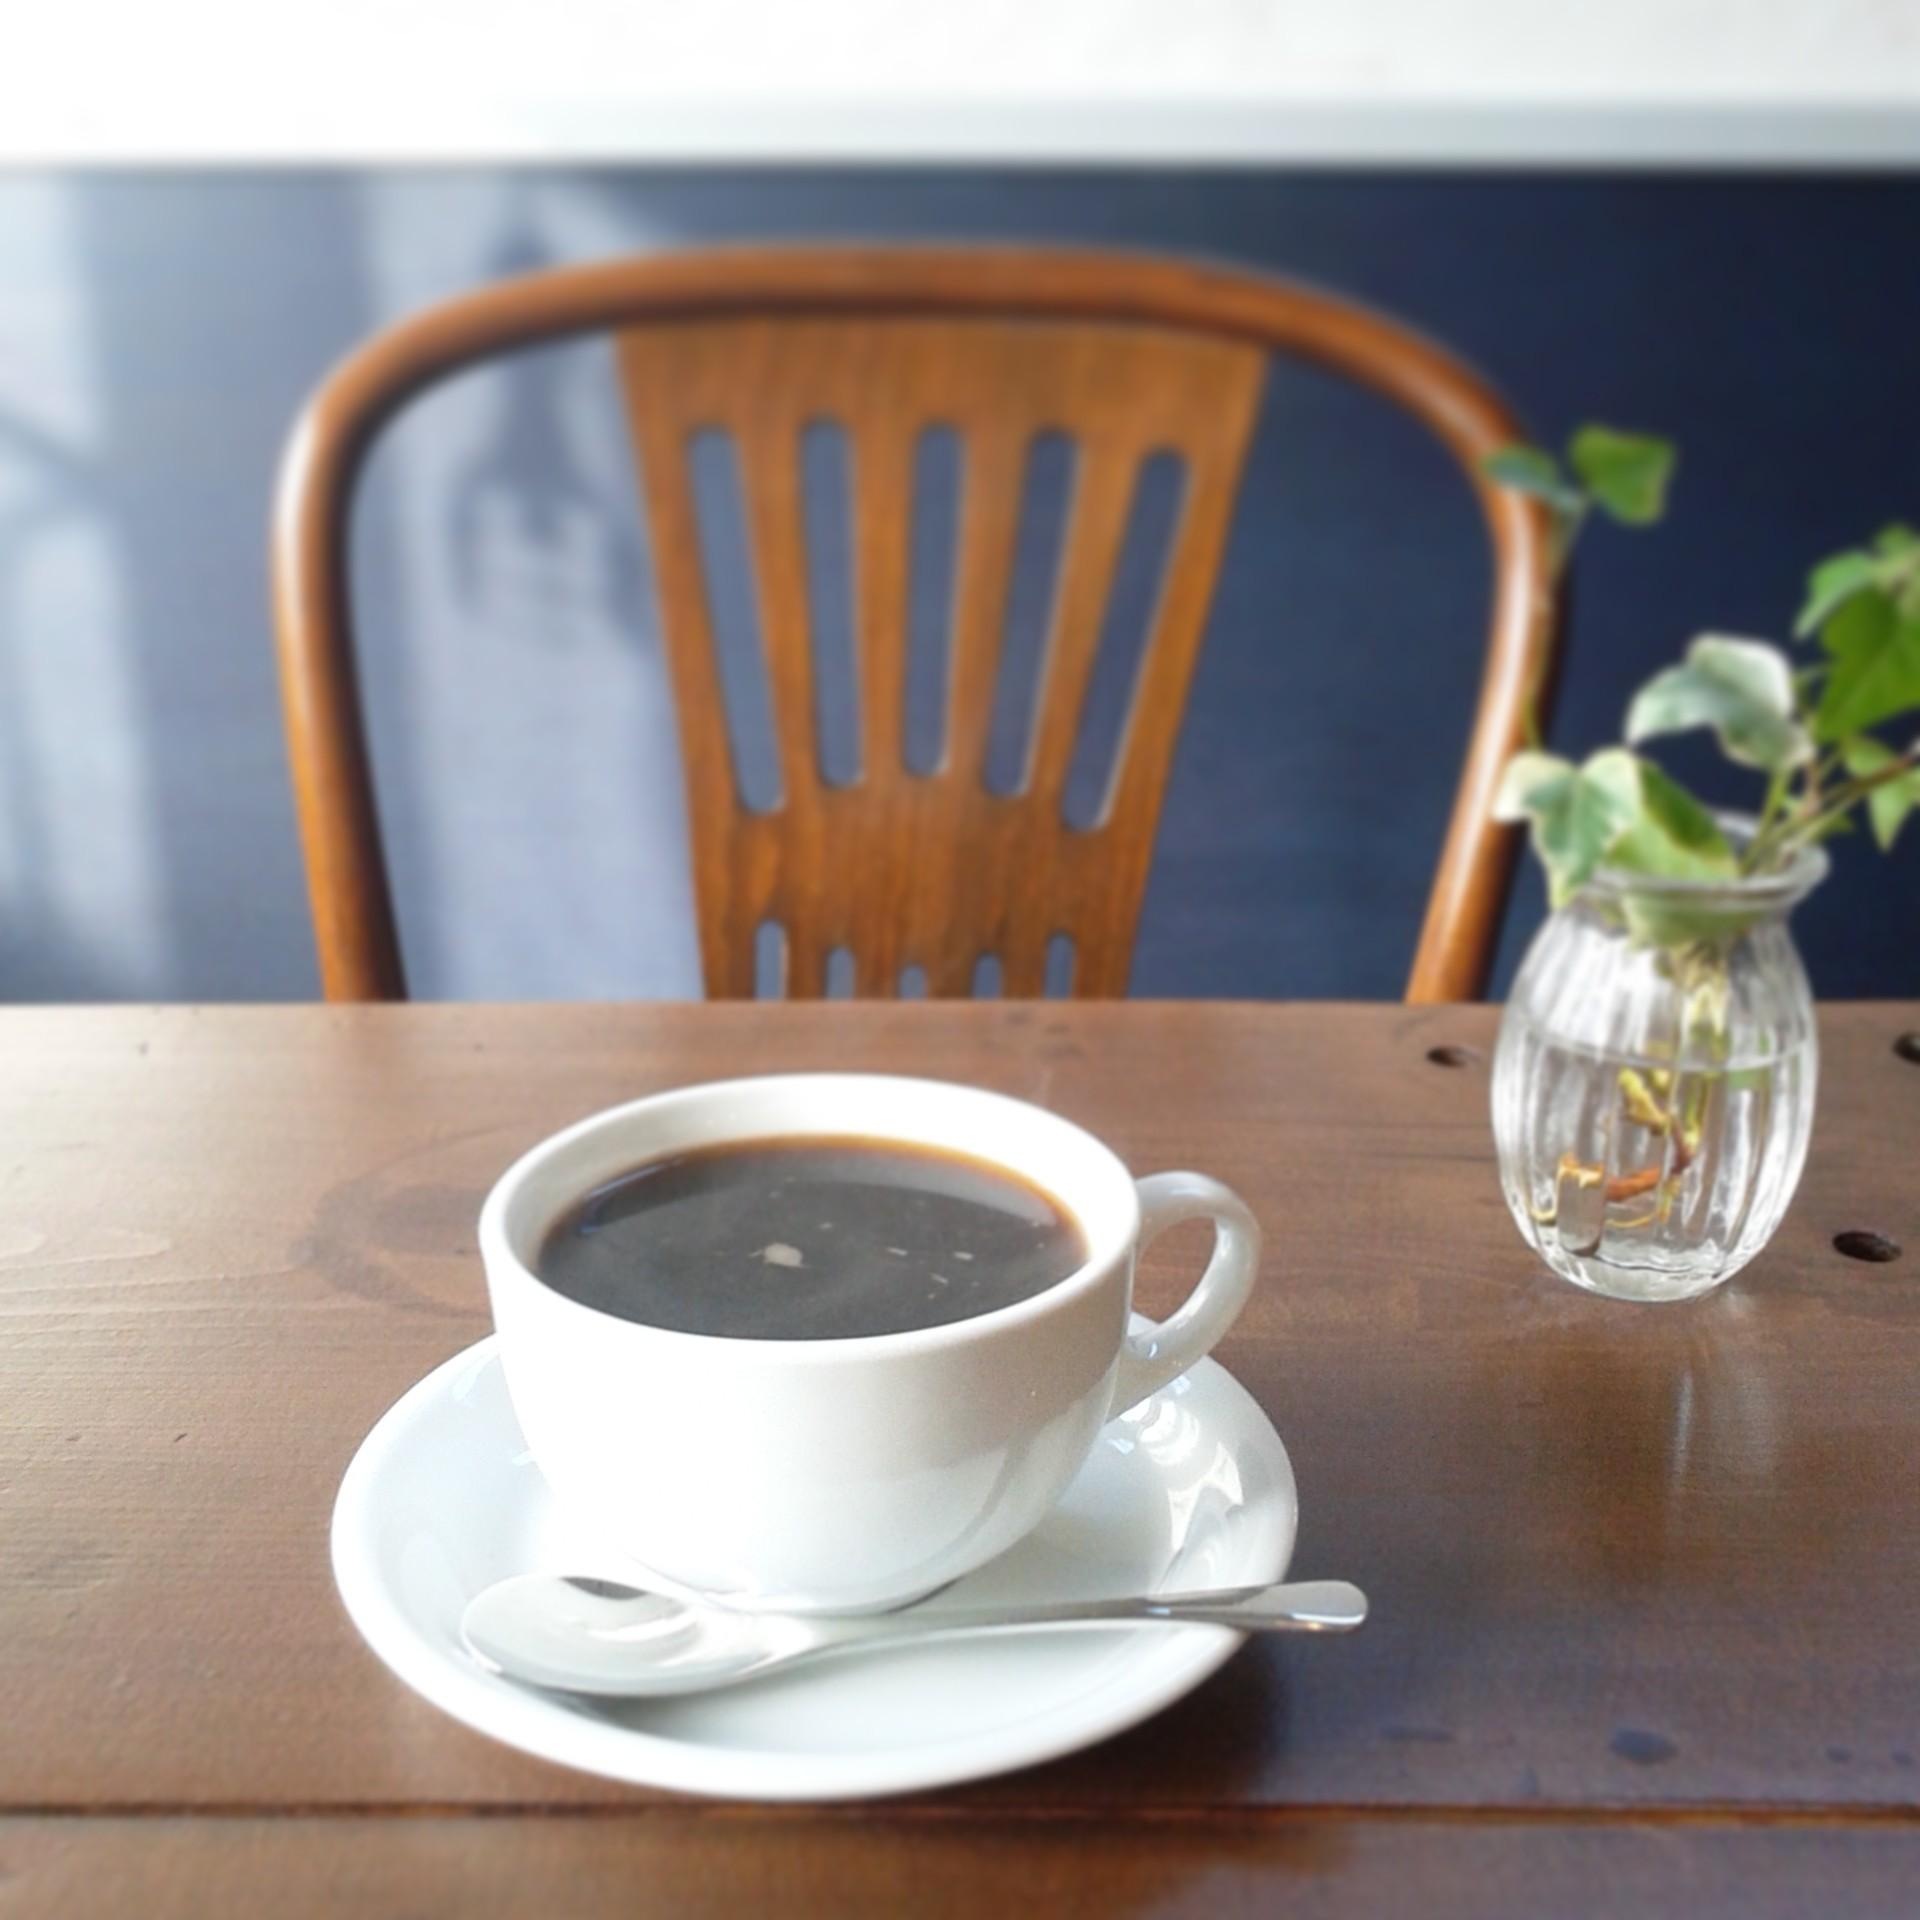 リトルフォートコーヒー(Little Fort Coffee)